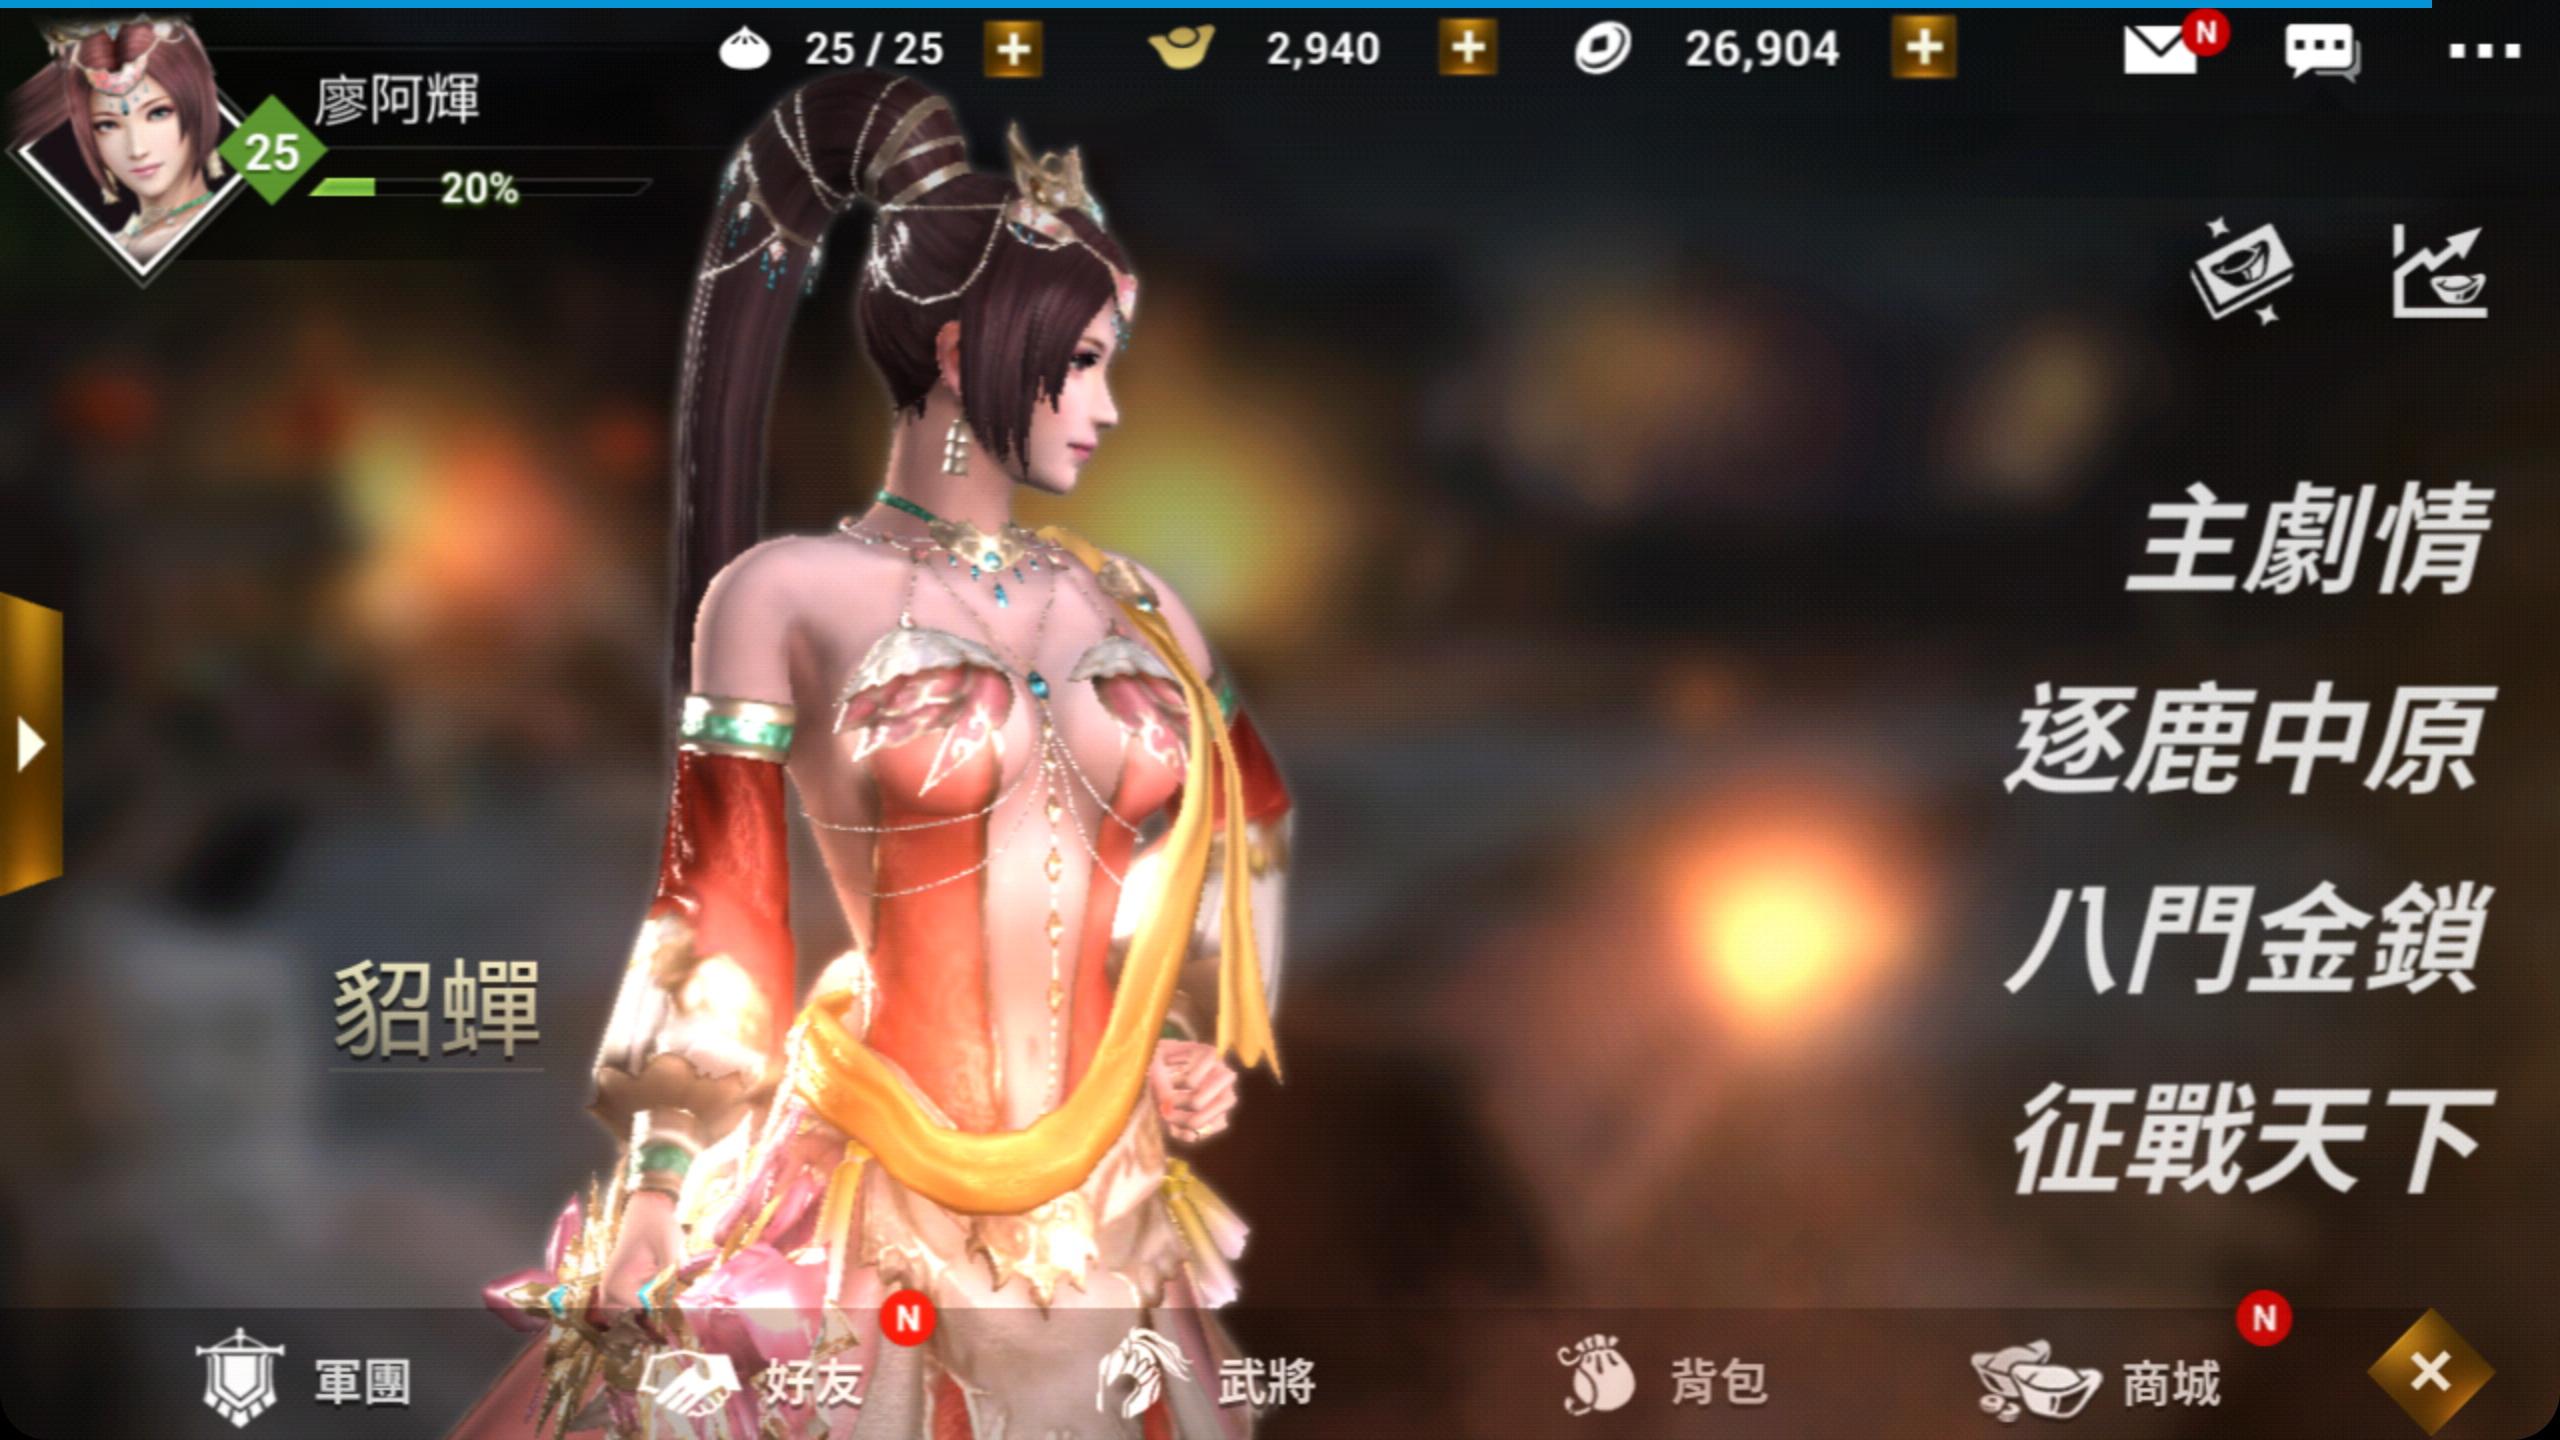 [遊戲] 真‧三國無雙 斬 入門分享 (iOS/Android 通用) @3C 達人廖阿輝